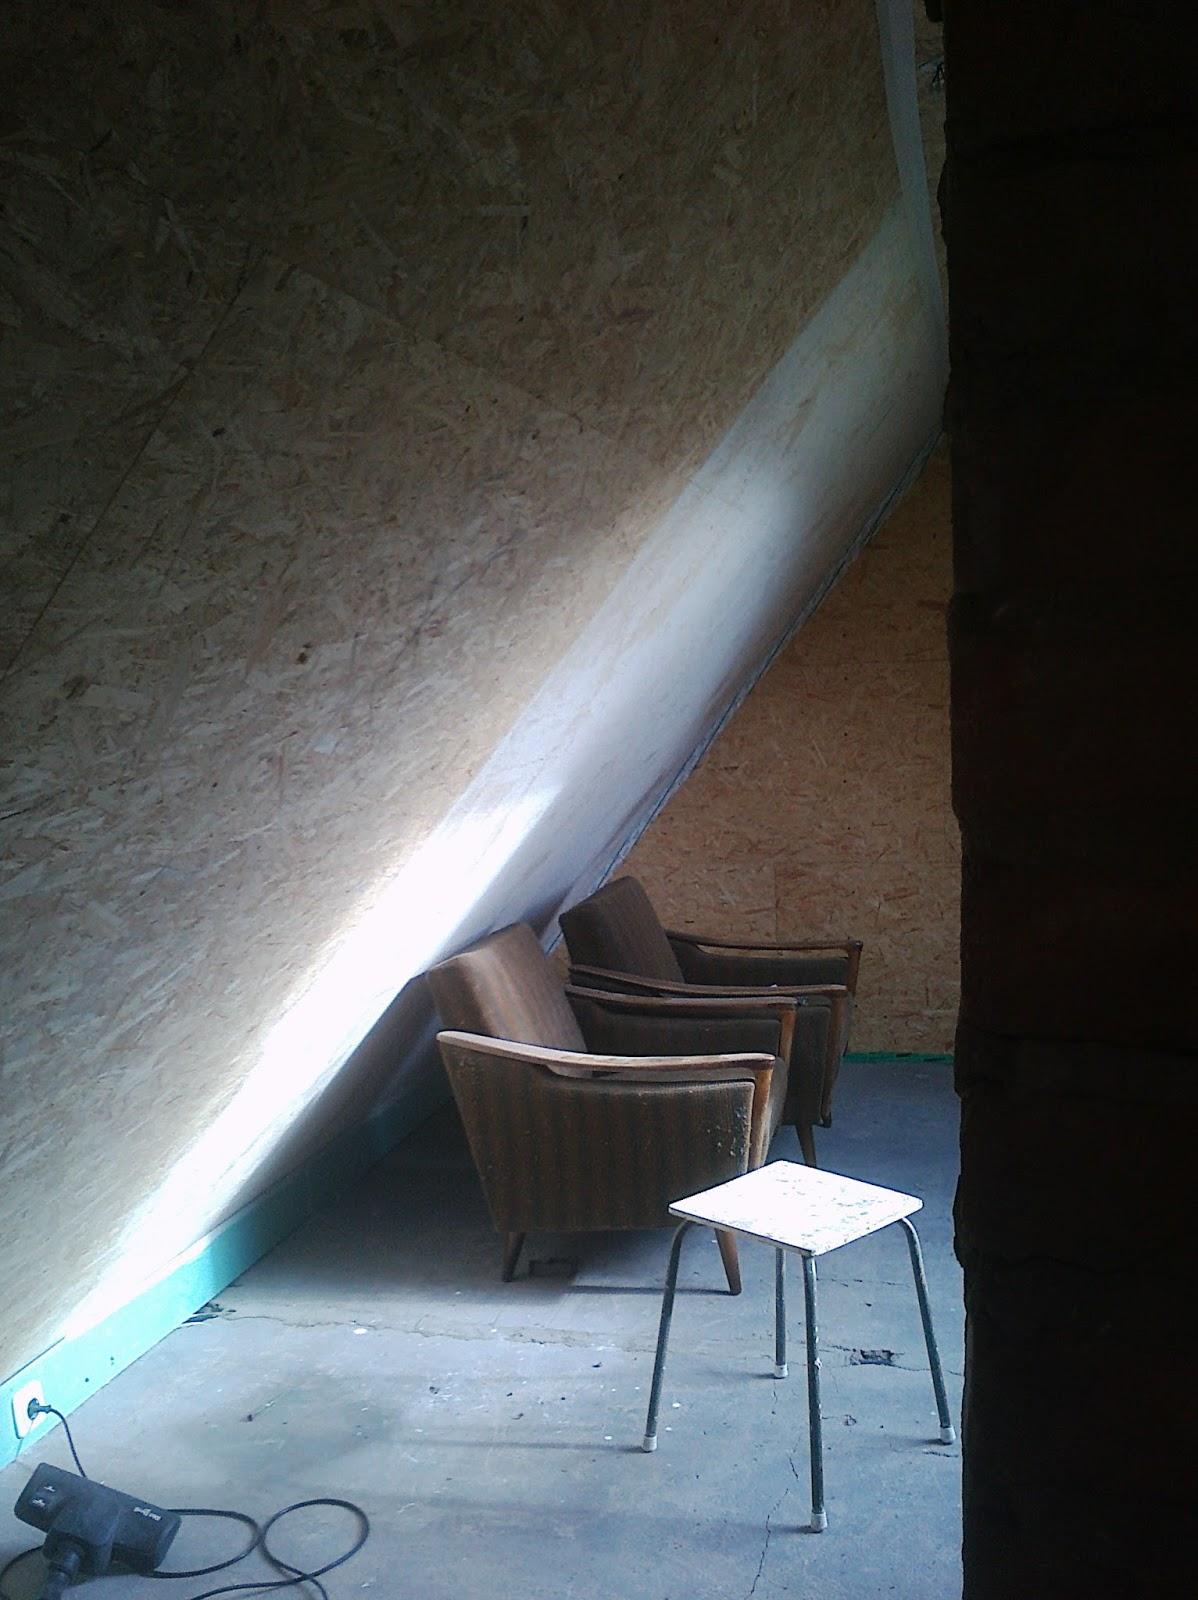 karl erwin und die frau ein haus wird gl cklich leimfarbe warum bekommt man sowas nicht in. Black Bedroom Furniture Sets. Home Design Ideas